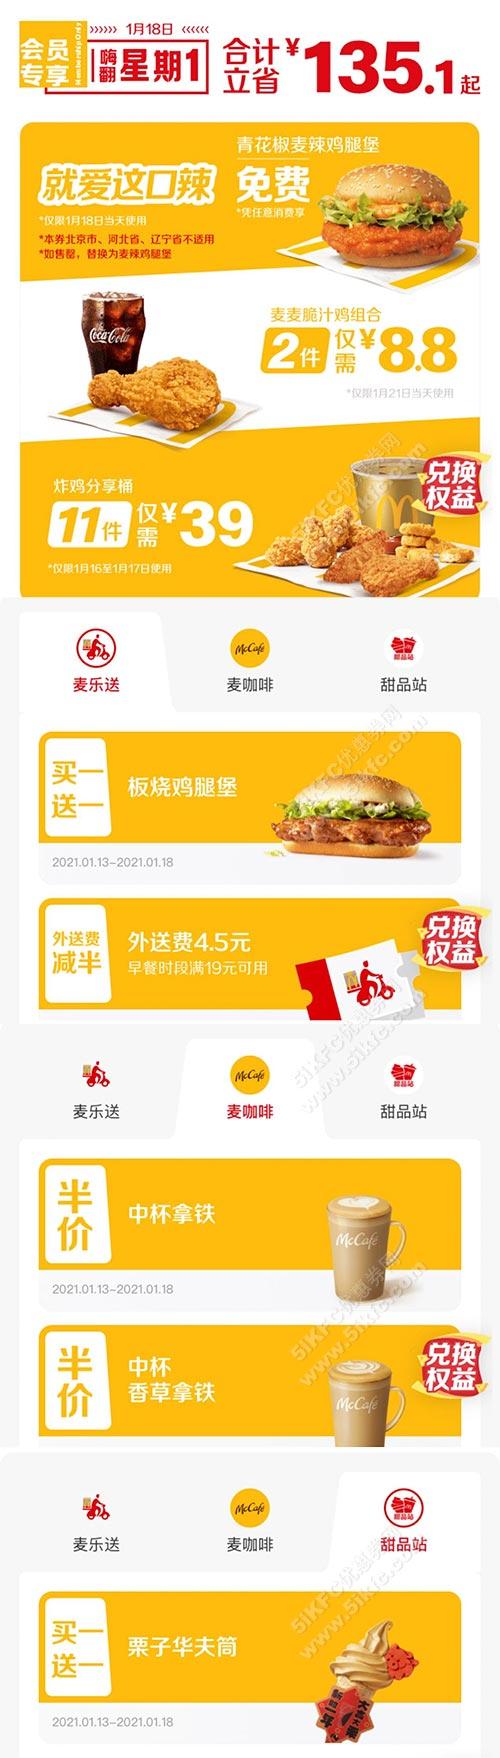 麦当劳周优惠券领取,炸鸡分享桶11件39元  外送鸡翅买一送一 有效期至:2022年12月31日 www.5ikfc.com